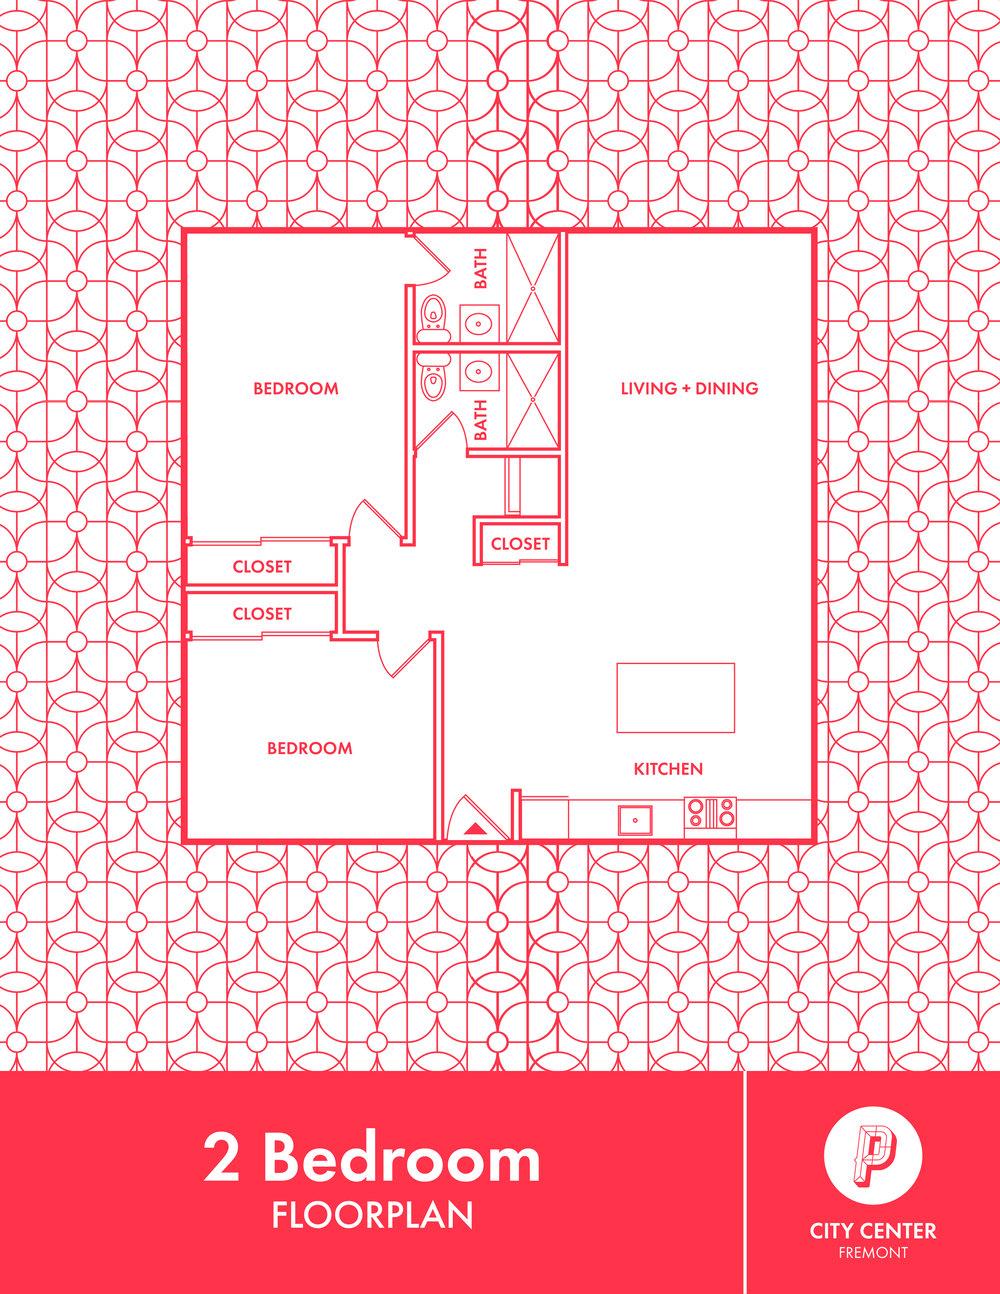 City Center 2 Bedroom Floorplan